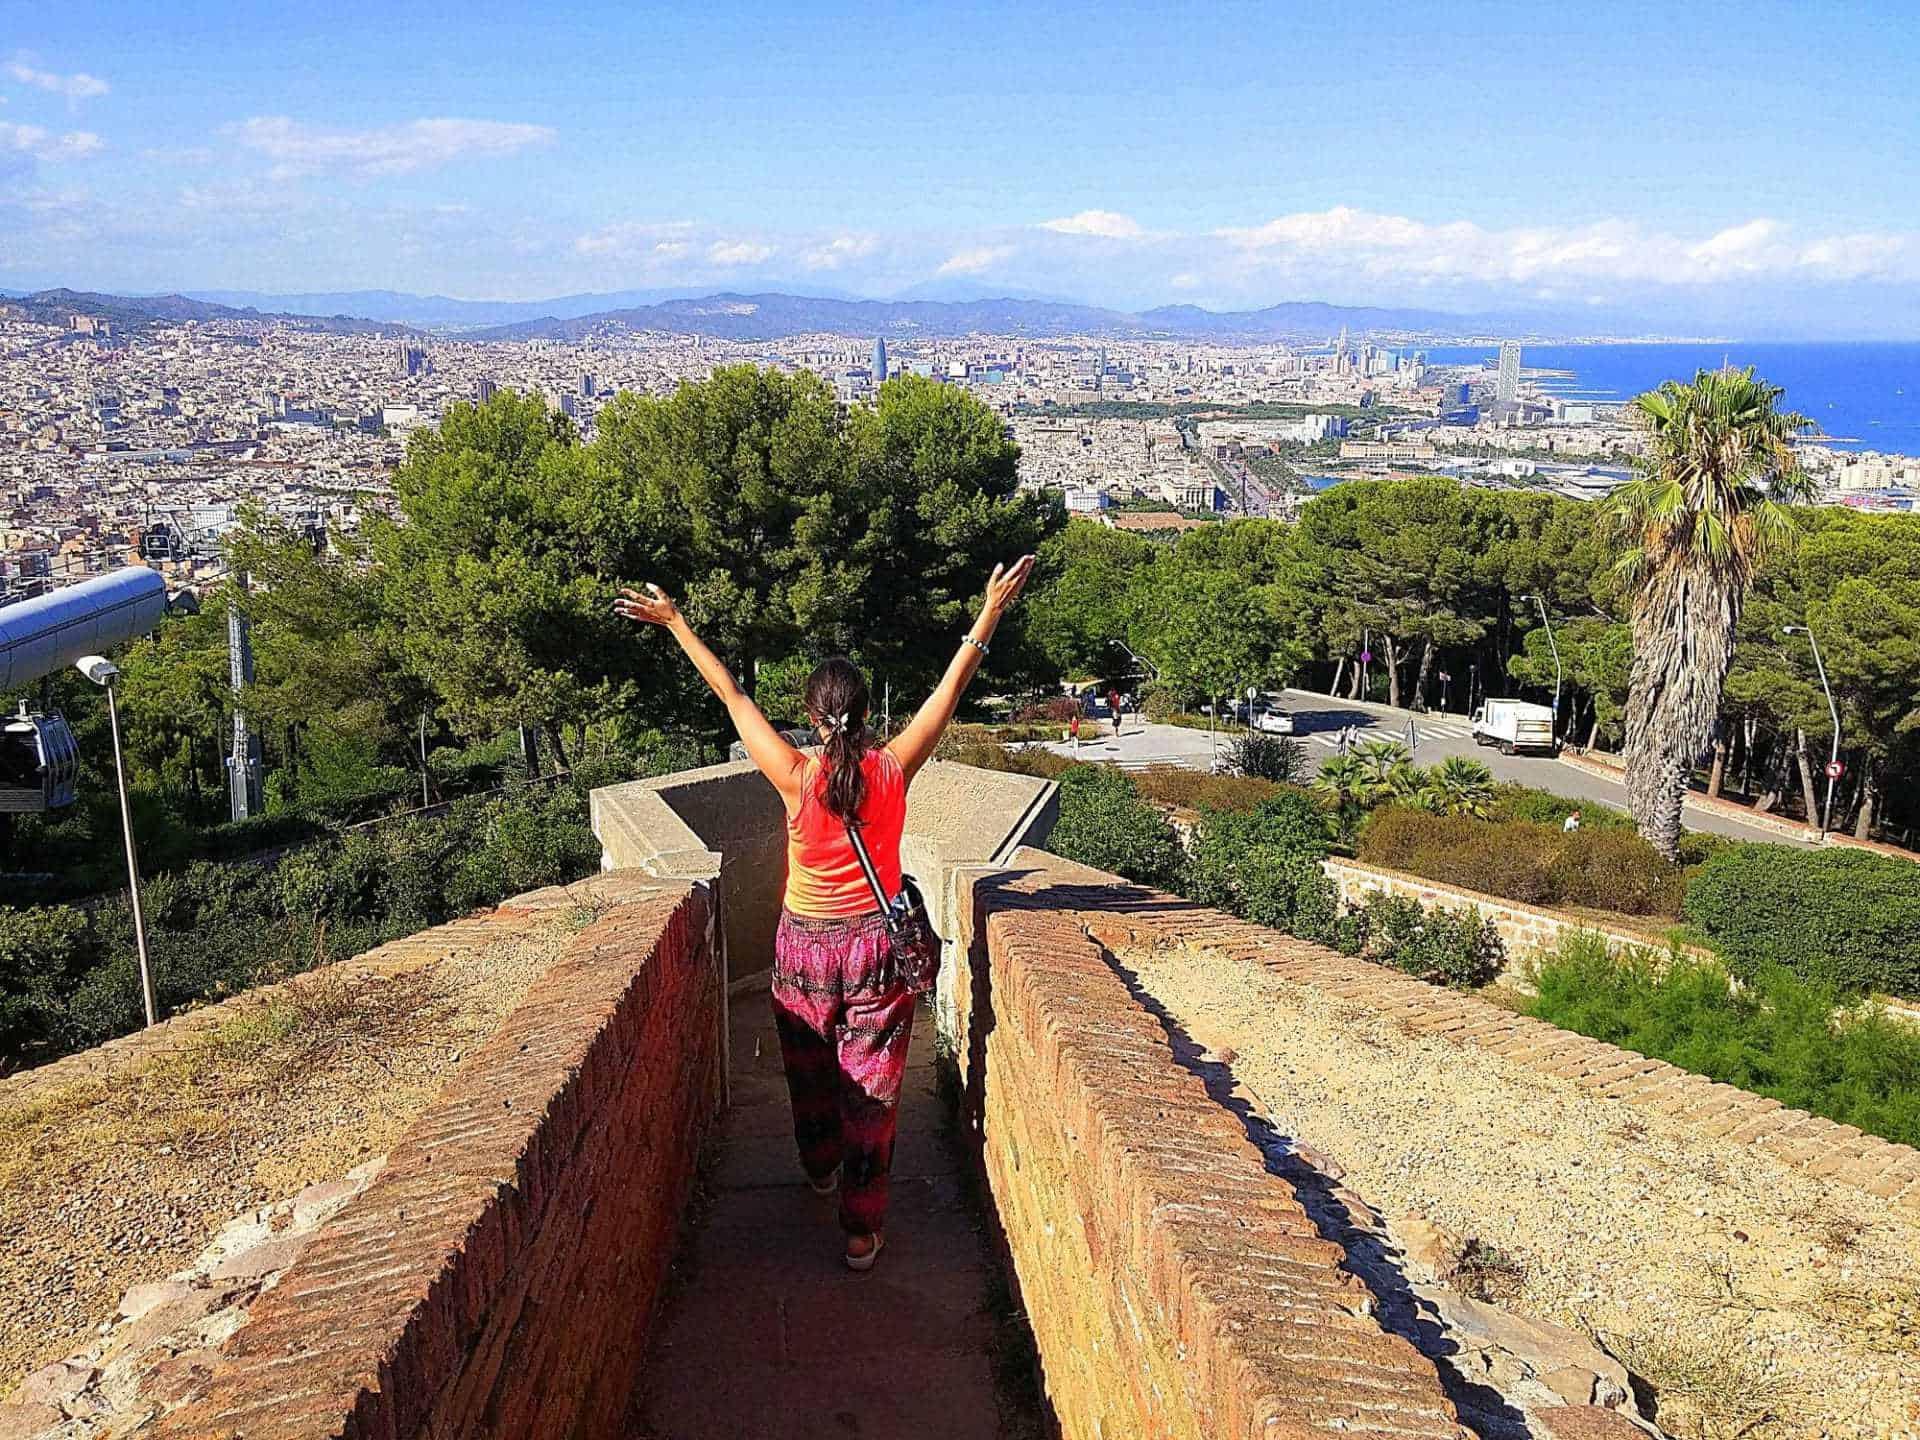 5 cose utili da sapere per organizzare un viaggio a Barcellona